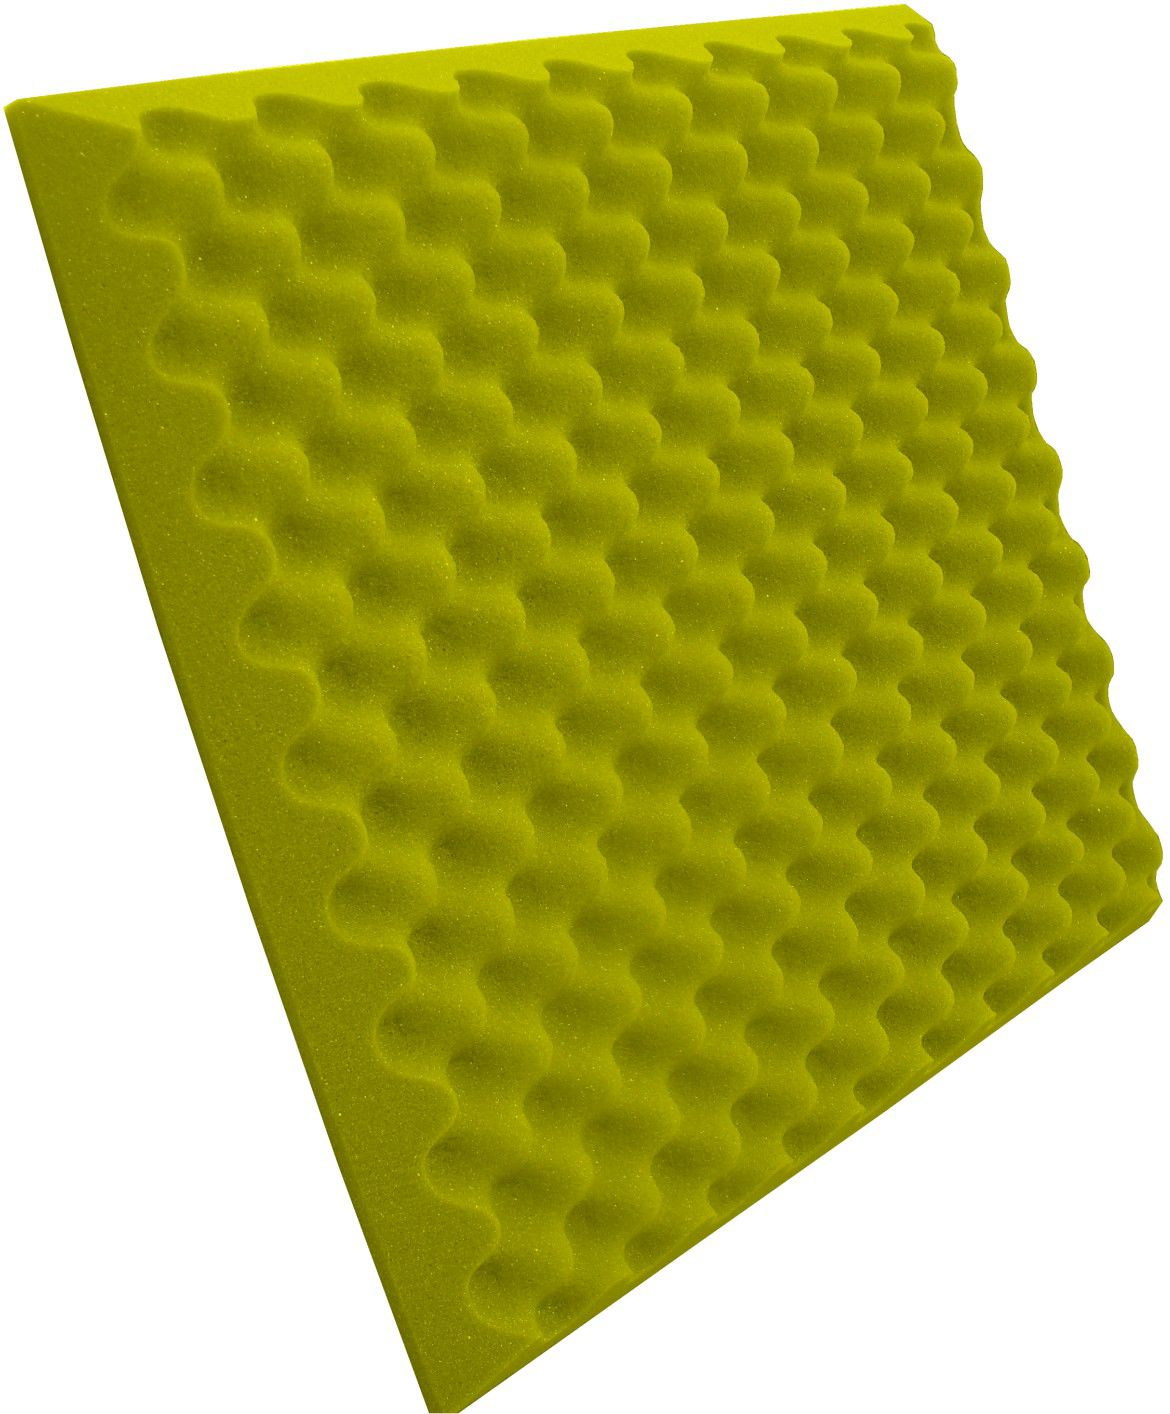 Espuma Perfilada - Kit 8 - Amarelo - 50mm (2m²)  - Loja SPL Acústica